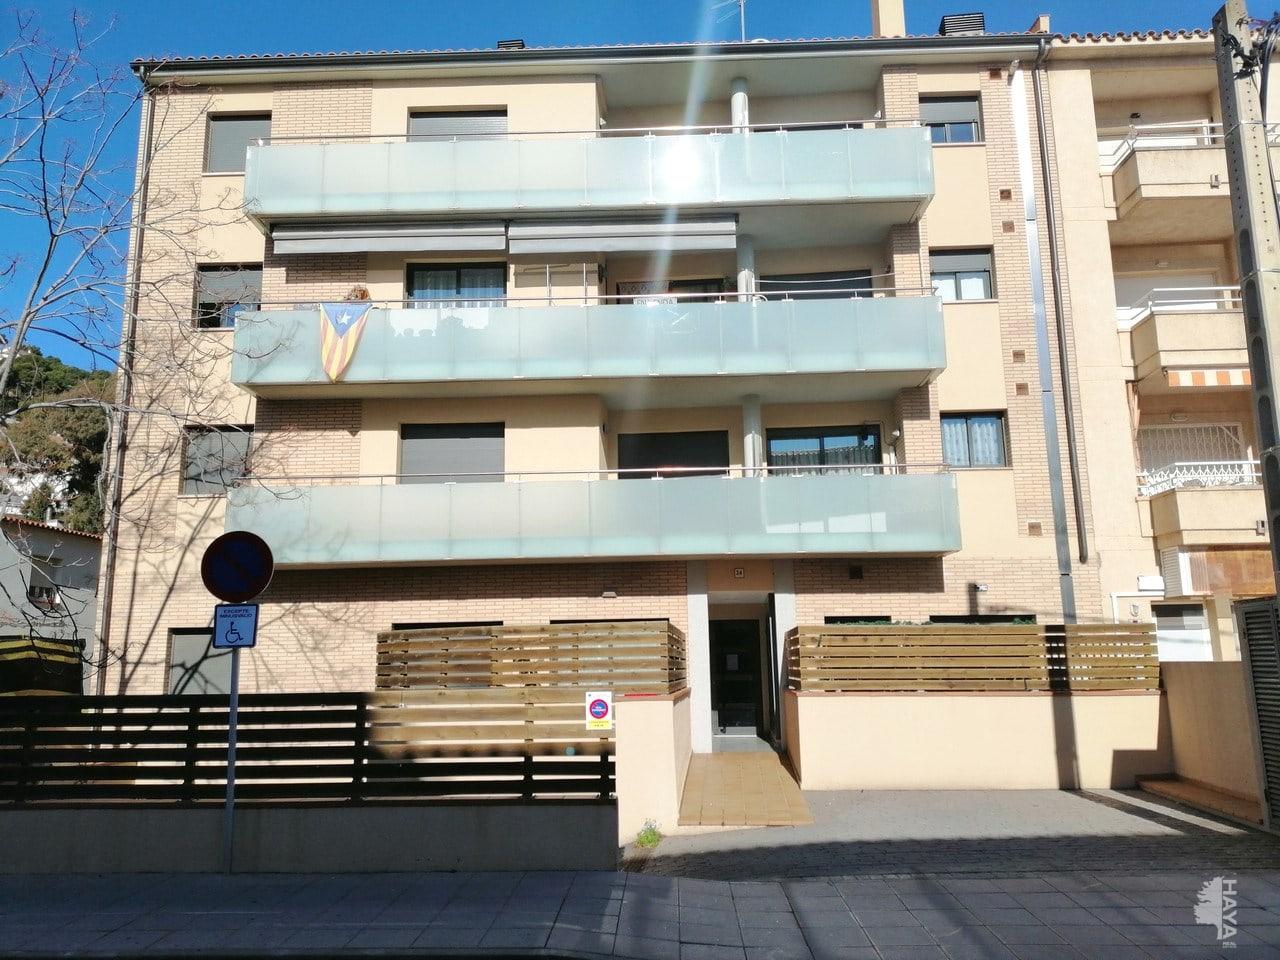 Piso en venta en Bockum, Torroella de Montgrí, Girona, Calle Torroella, 123.000 €, 59 m2